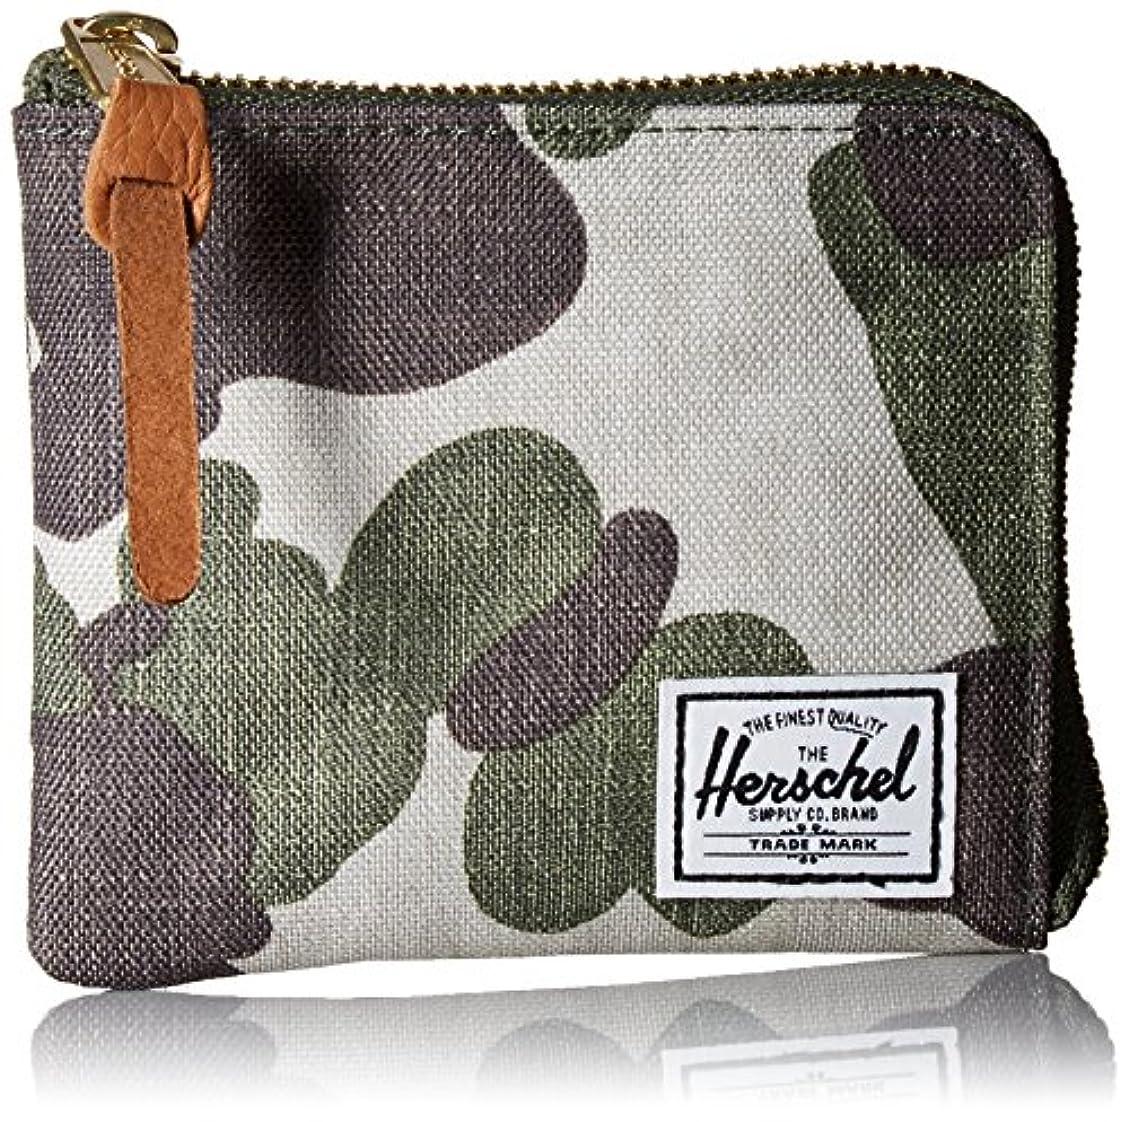 オリエンテーションポイント爆弾HERSCHEL(ハーシェル)Johnny Frog Camo 10414-01858-OS 財布 サイフ ウォレット